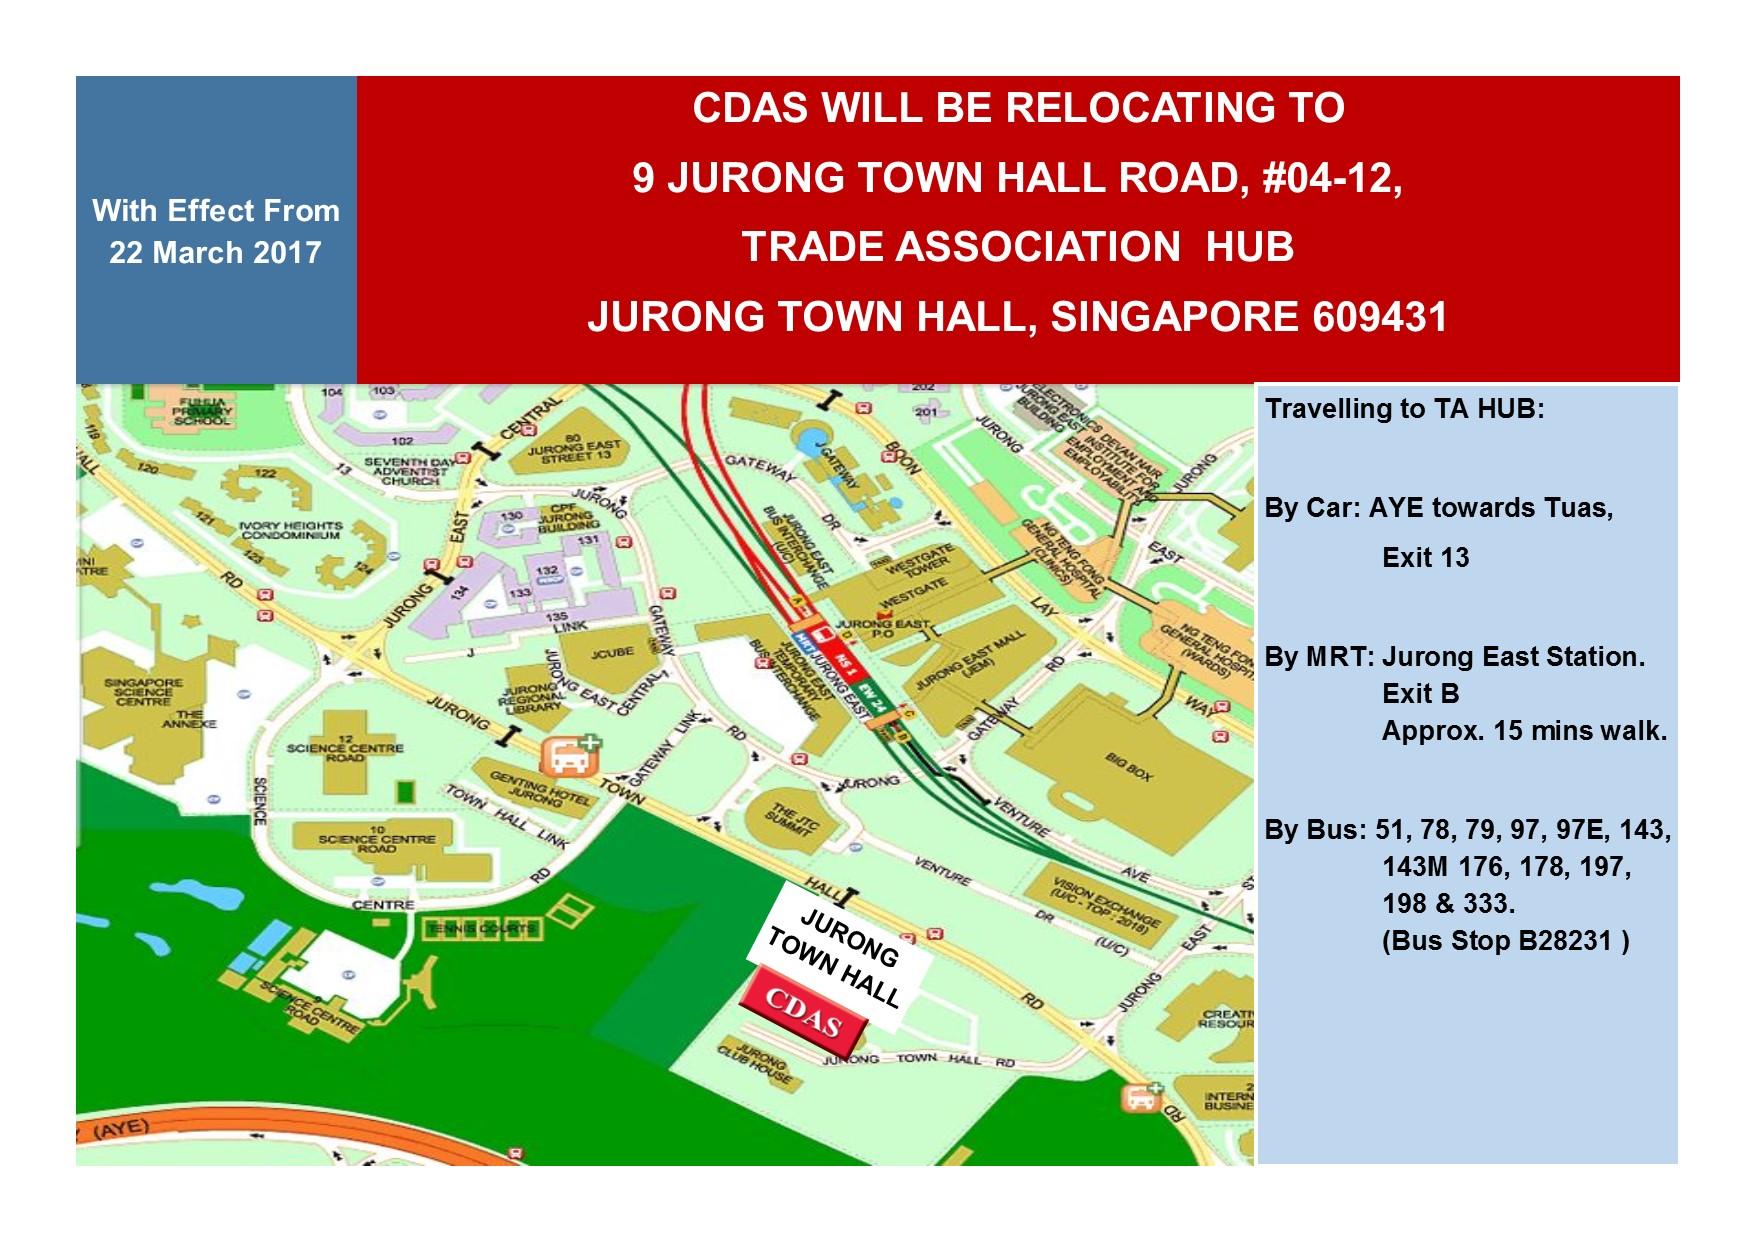 CDAS Relocation